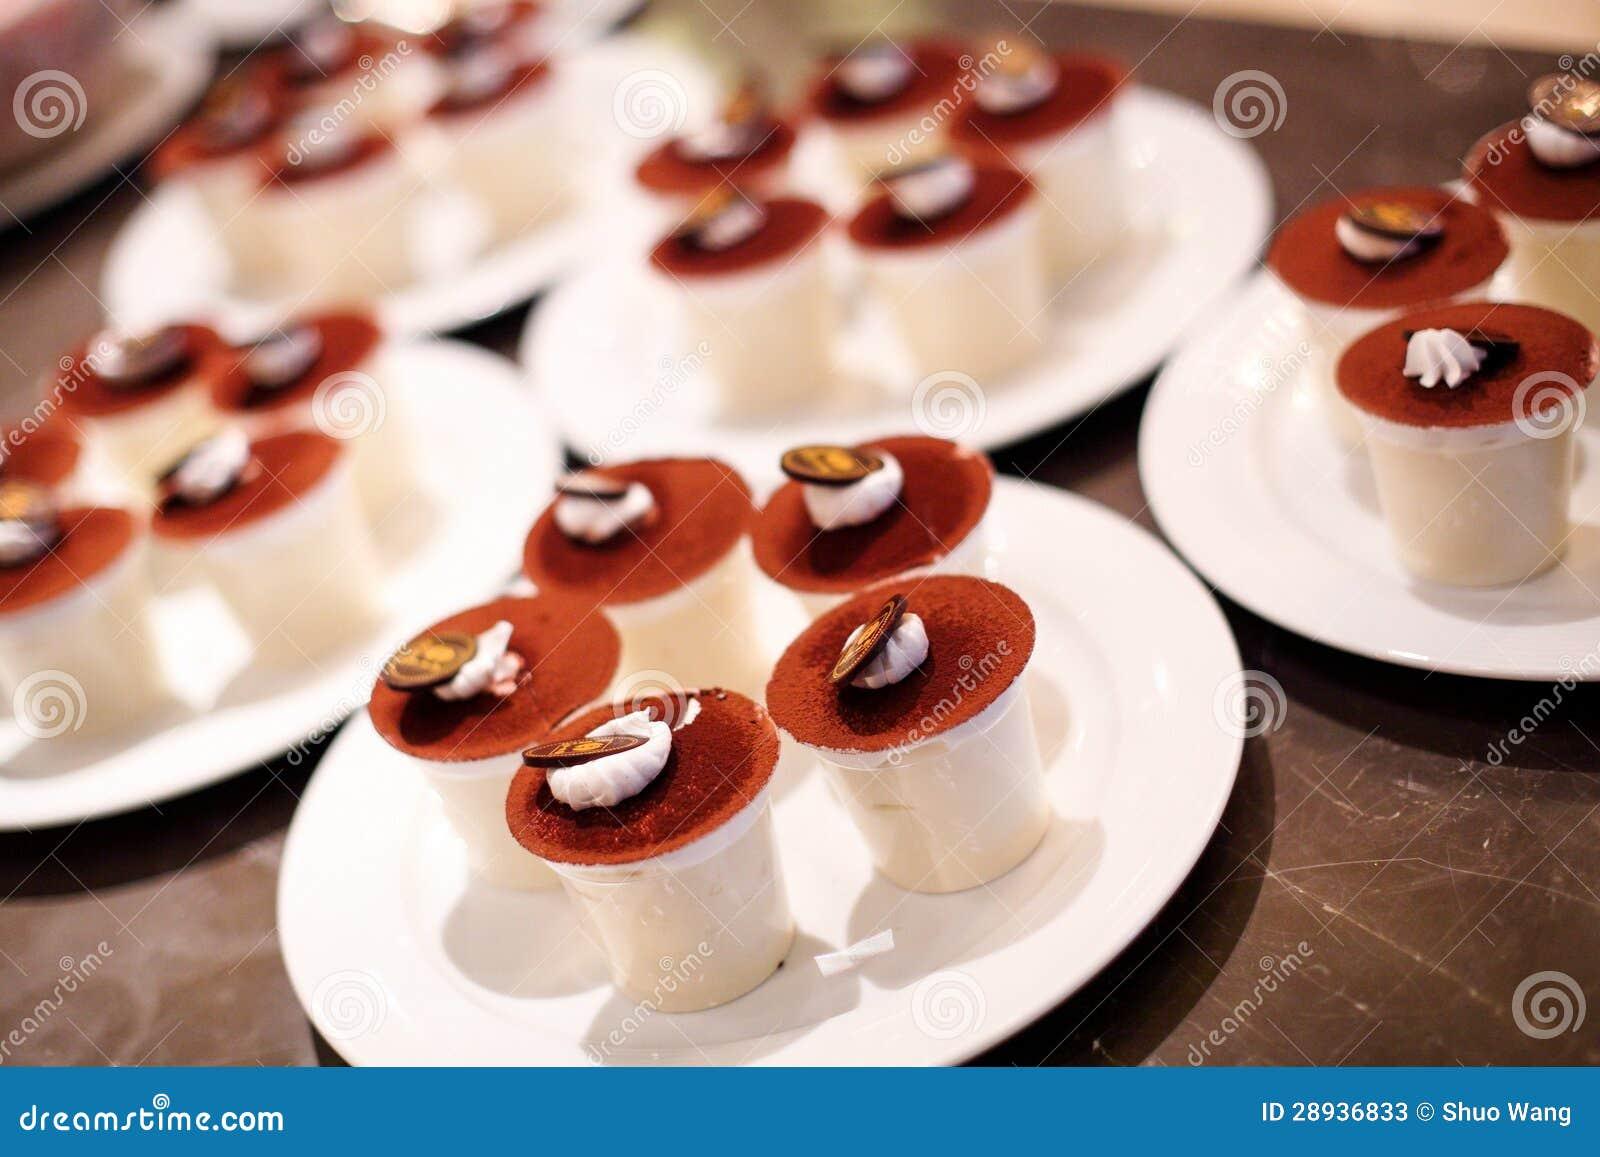 Coffee Pudding Cake Stock Photos - Image: 28936833